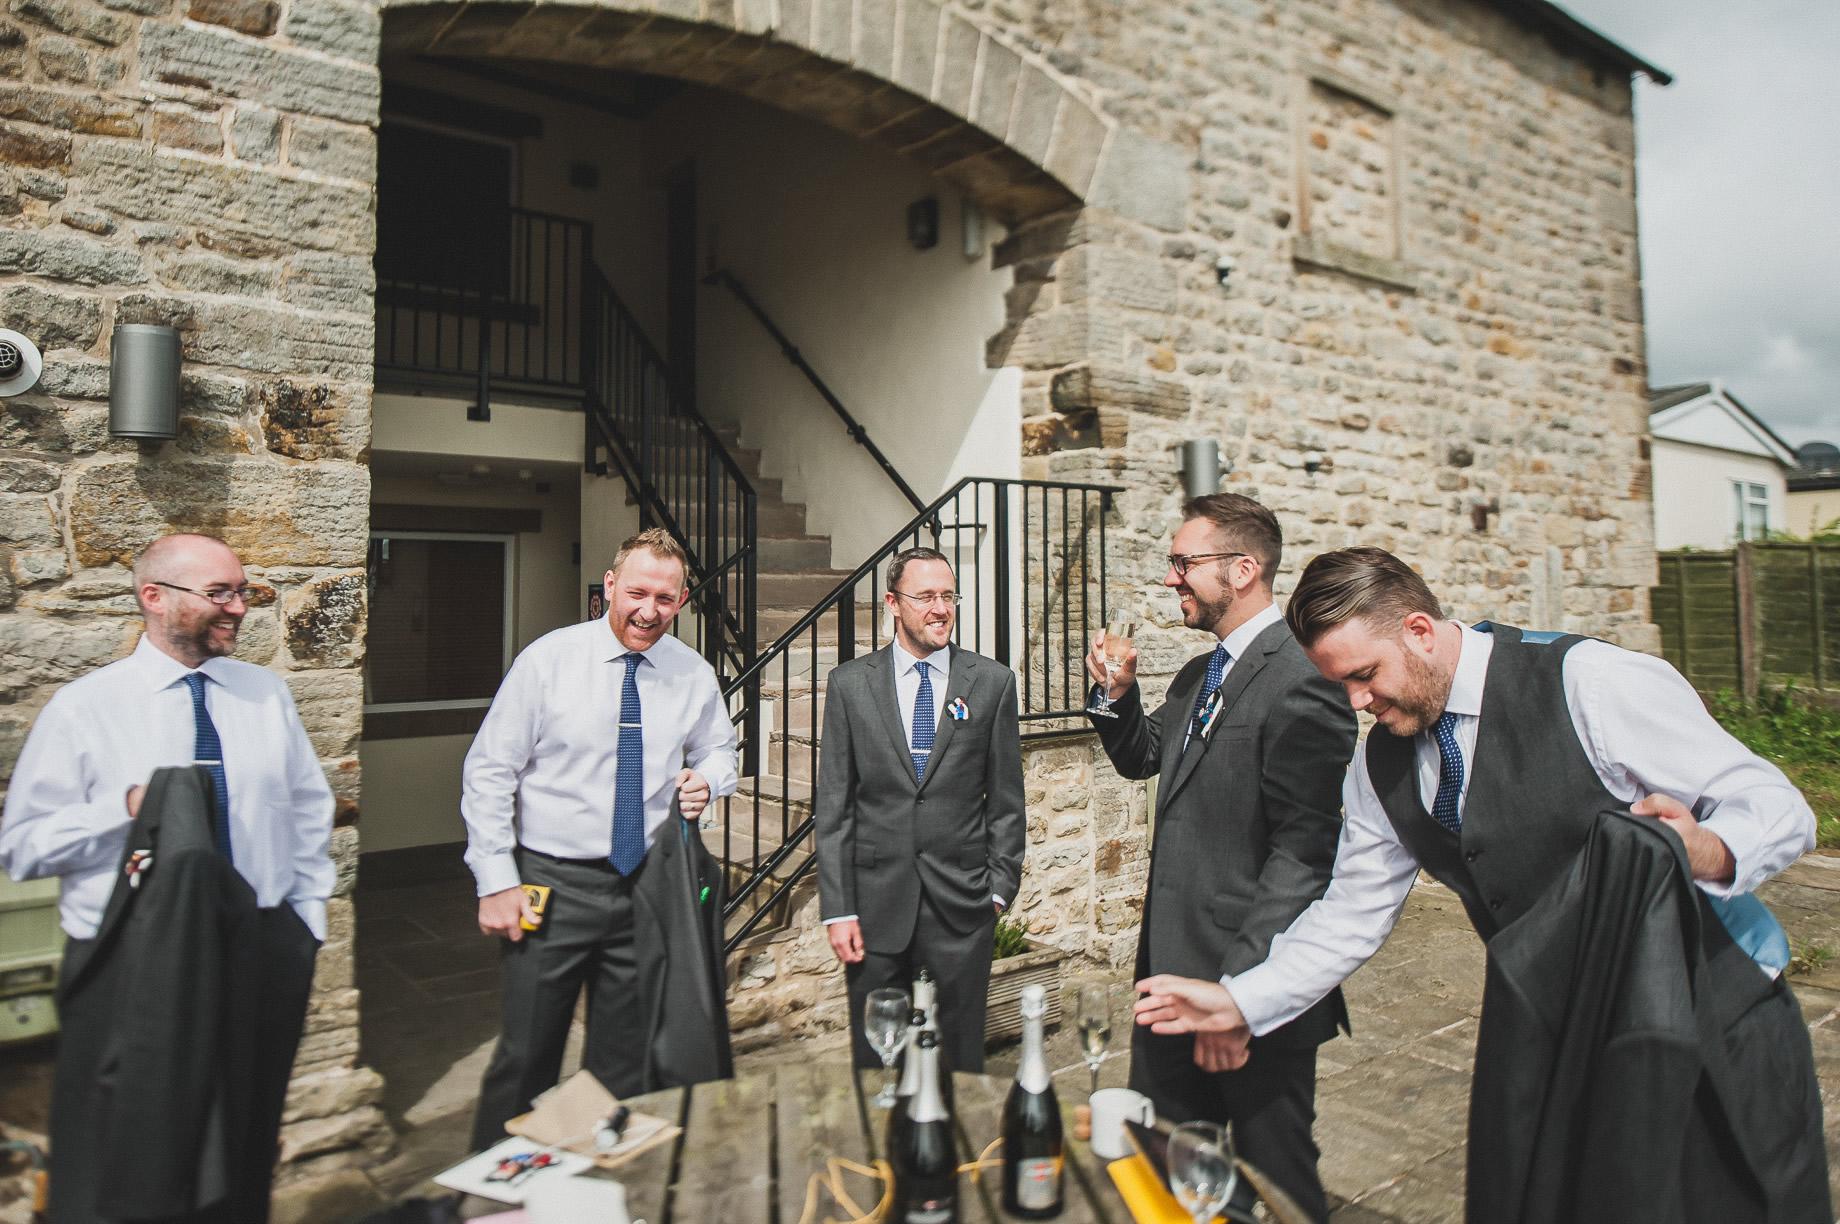 Becky and John's Wedding at Slaidburn Village Hall 025